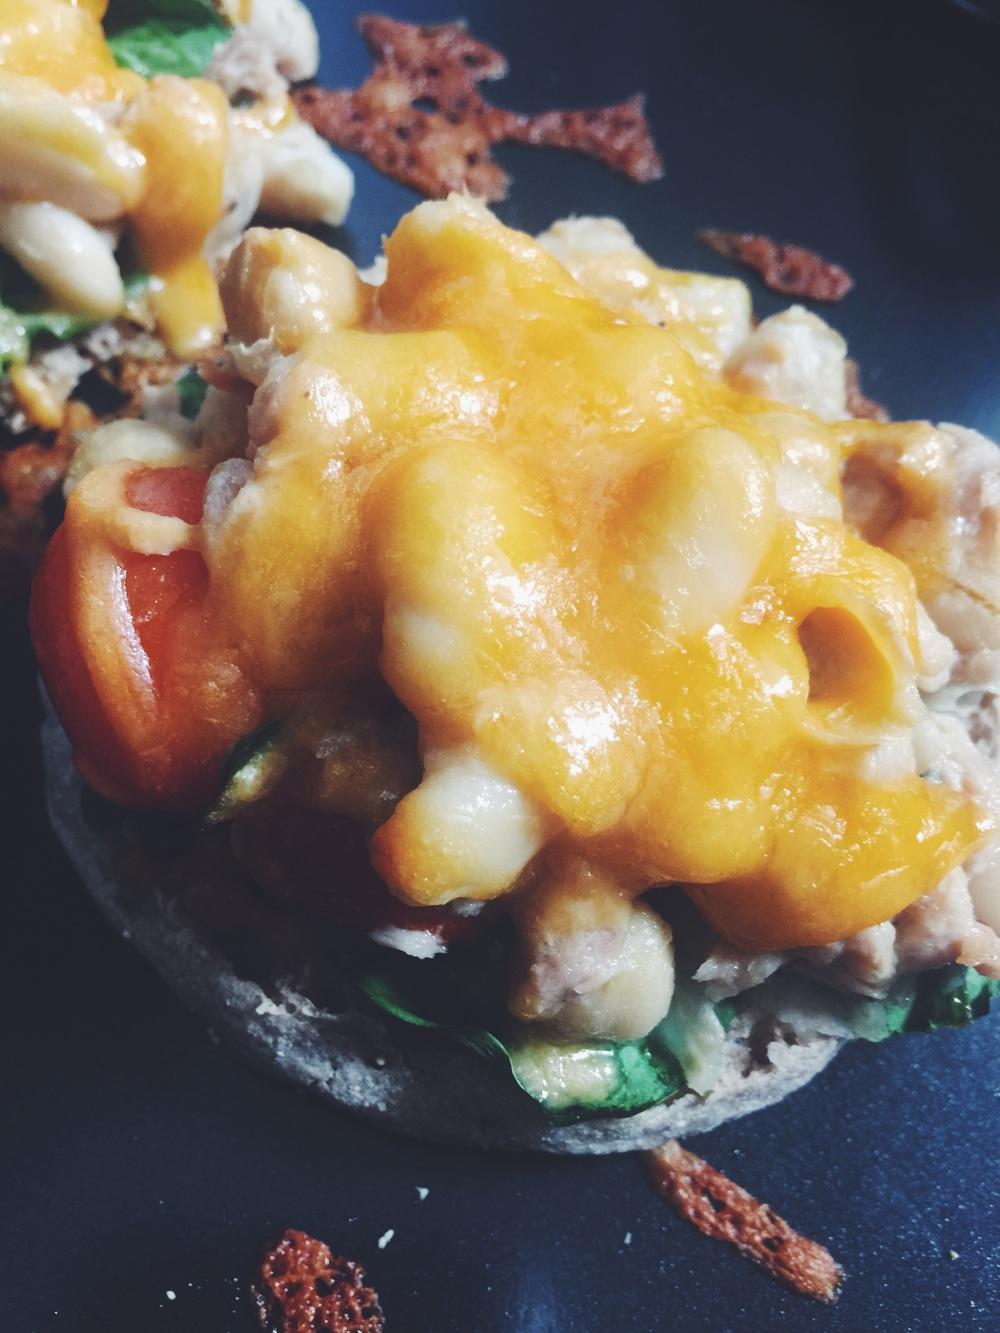 tuna-bean salad melt on english muffin